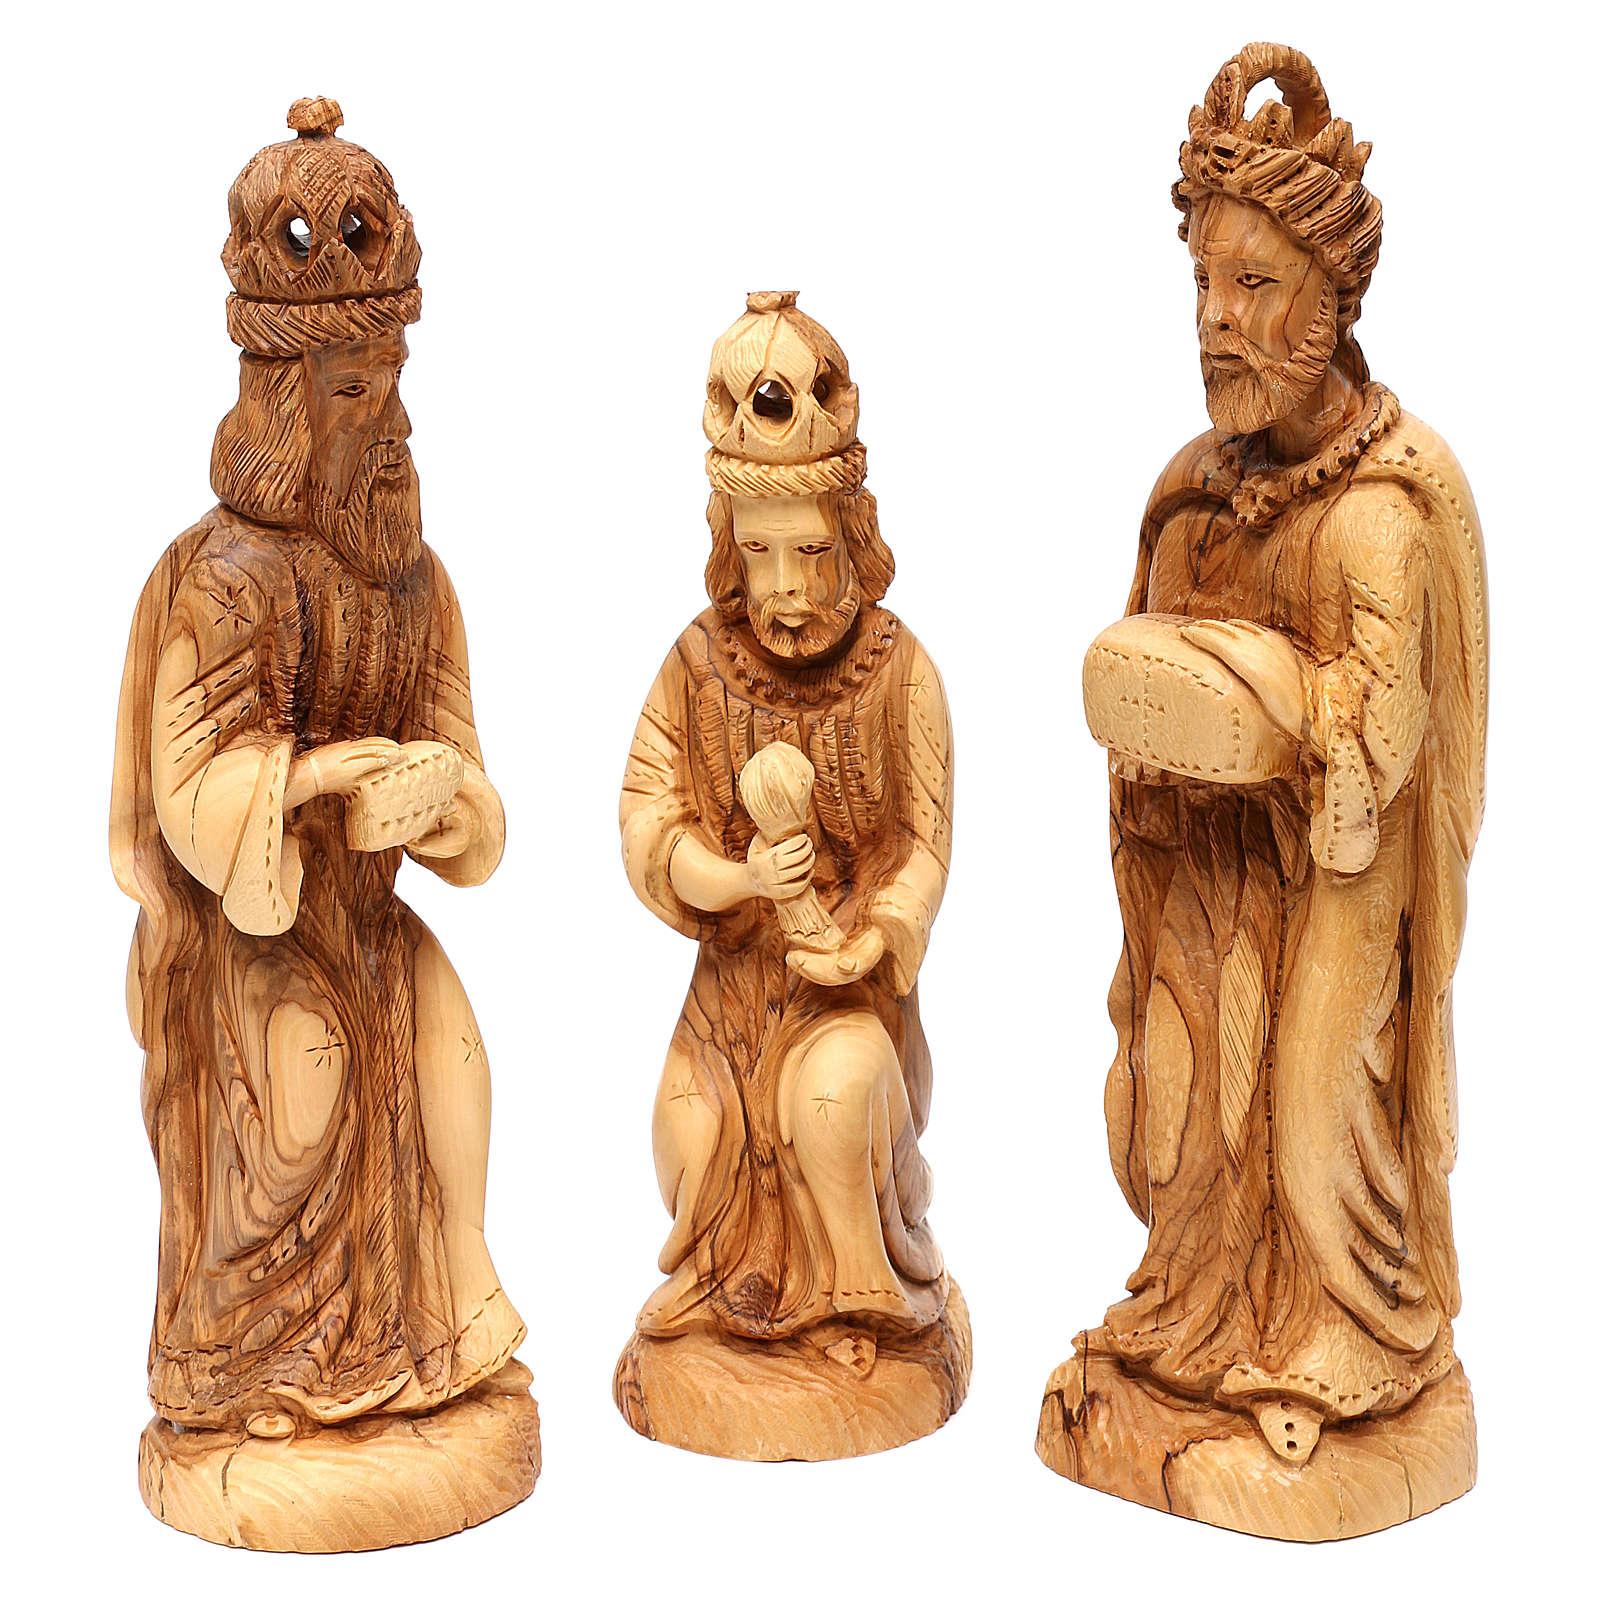 Presépio Completo 14 figuras madeira de oliveira Belém altura média 35 cm 4